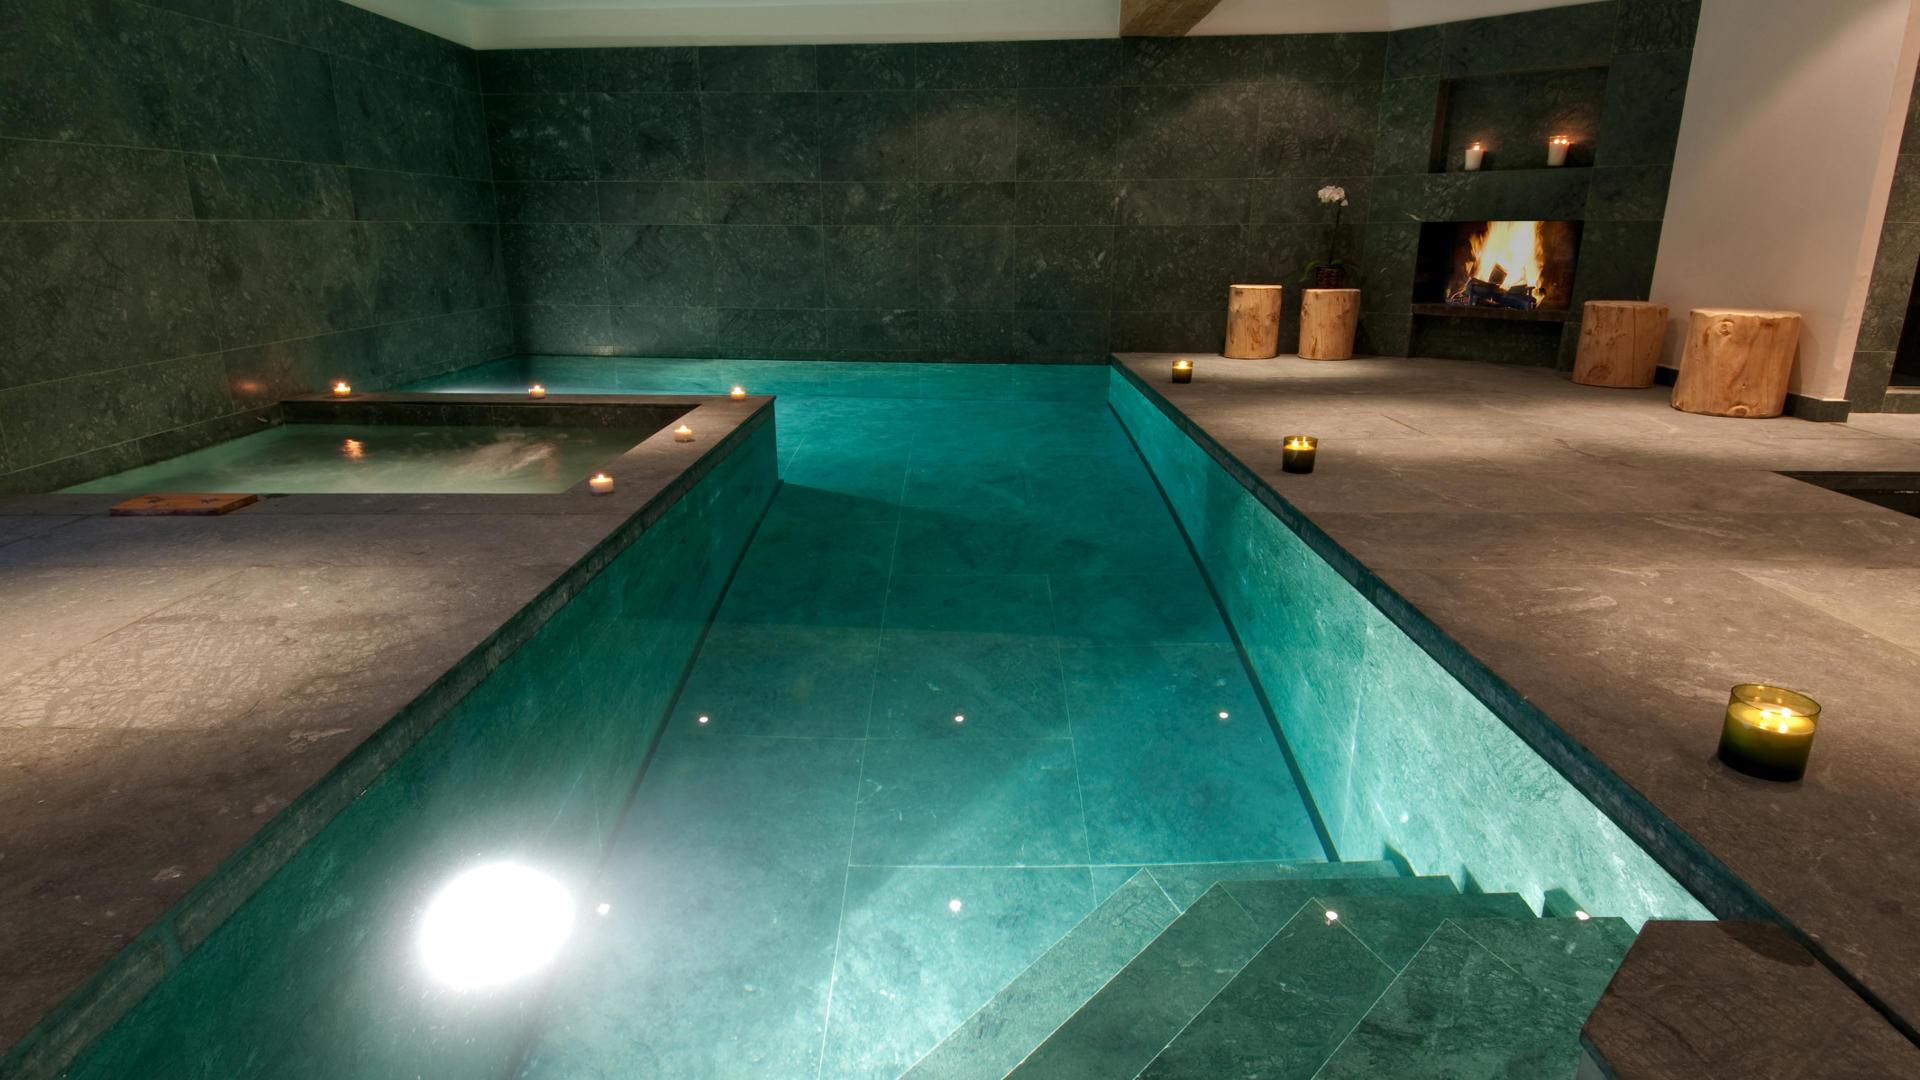 chalet-nyumba-swimming-pool-2